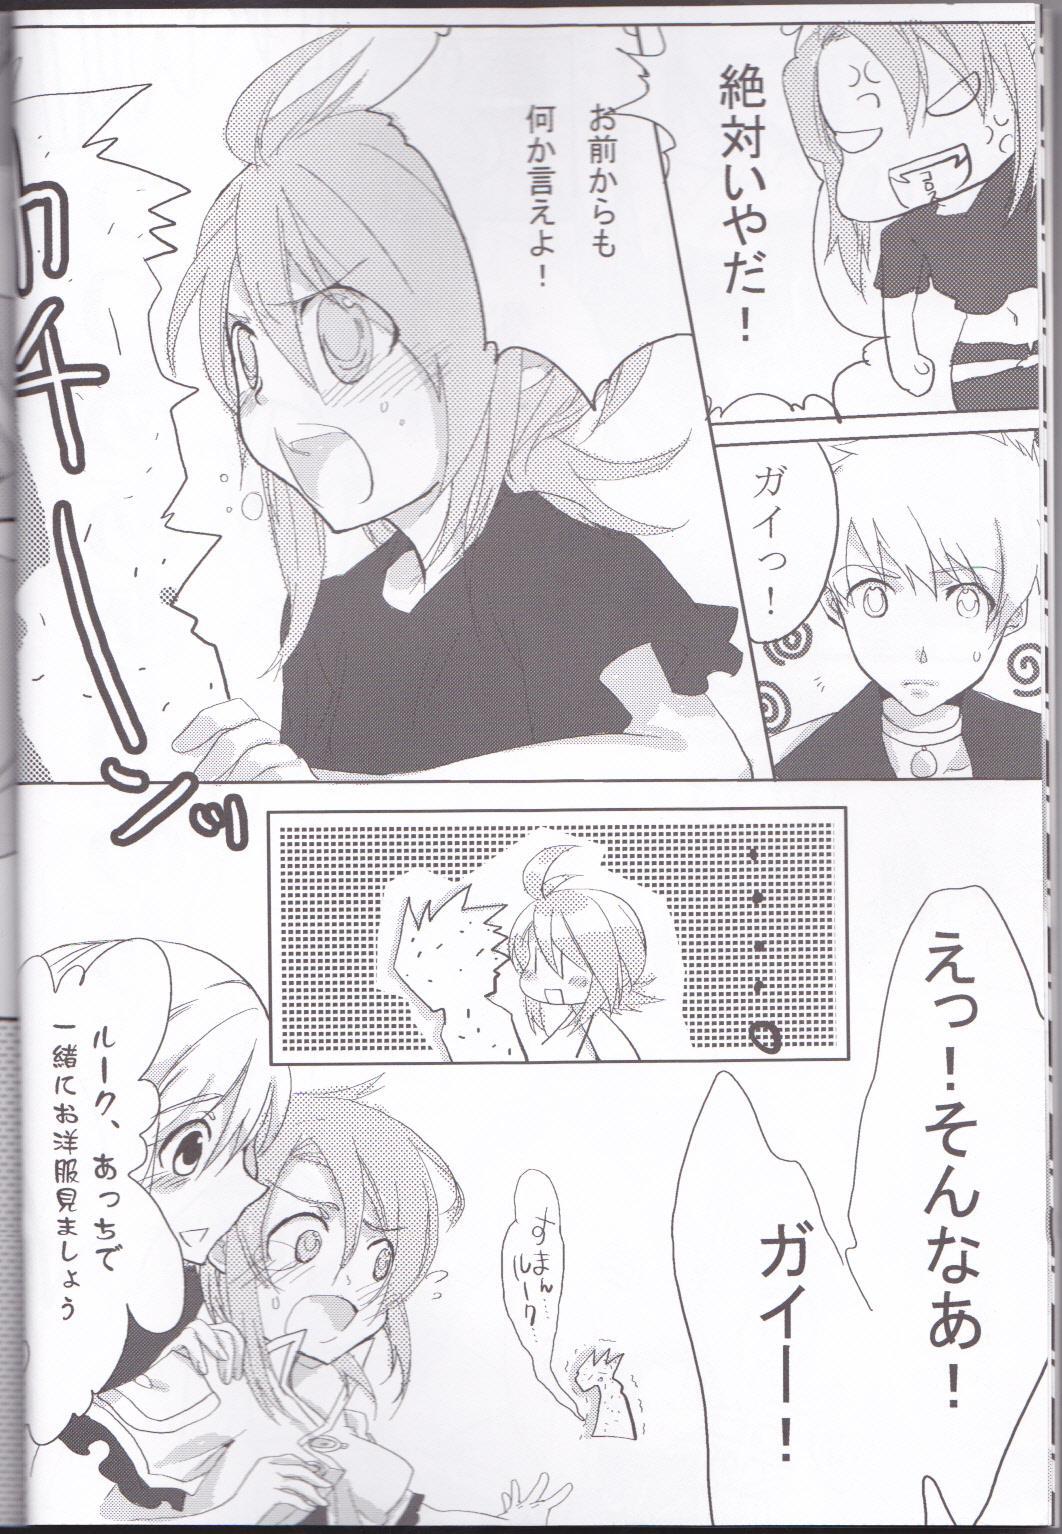 Rukuruku Shoukougun 7